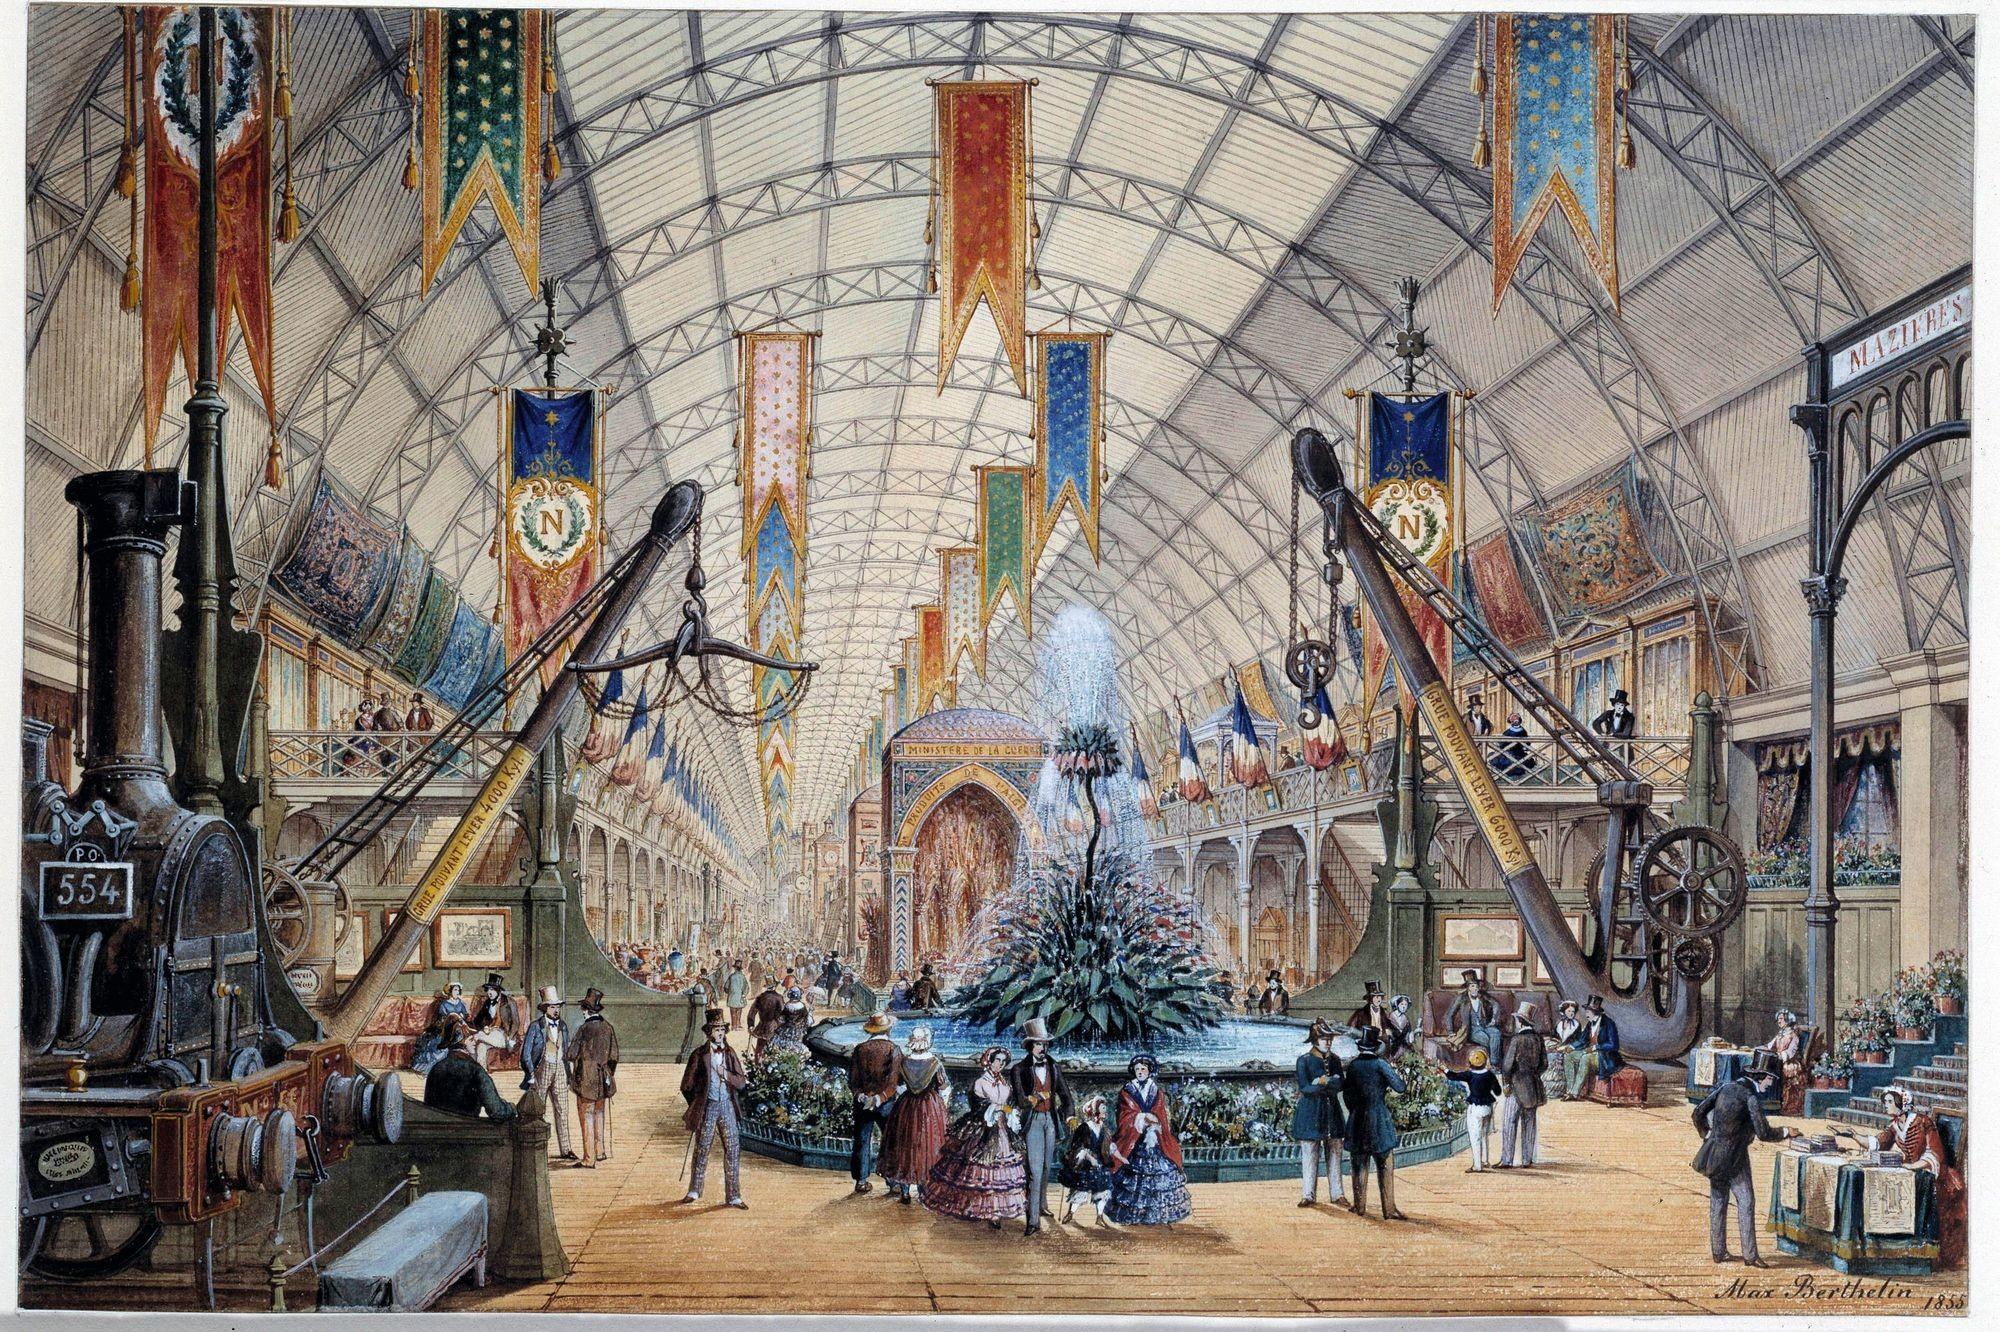 Max Berthelin, Vue intérieure de la galerie des machines, Palais de l'Industrie, 1855, gravure, 24 x 36 cm, musée Carnavalet, Paris.